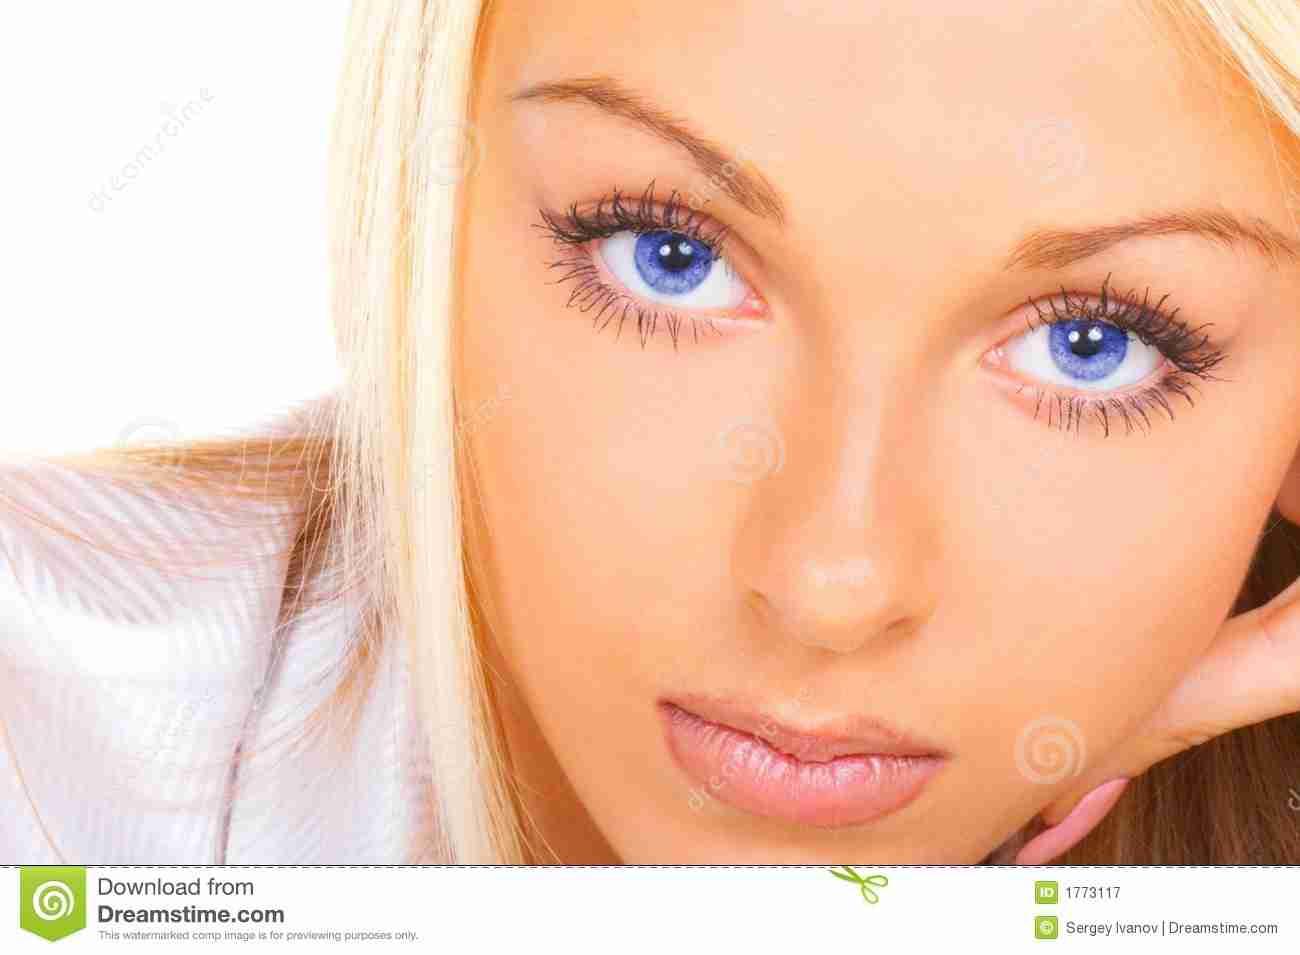 レーザーによりブルーの瞳を手に入れる!?米国でもすでに実験段階。